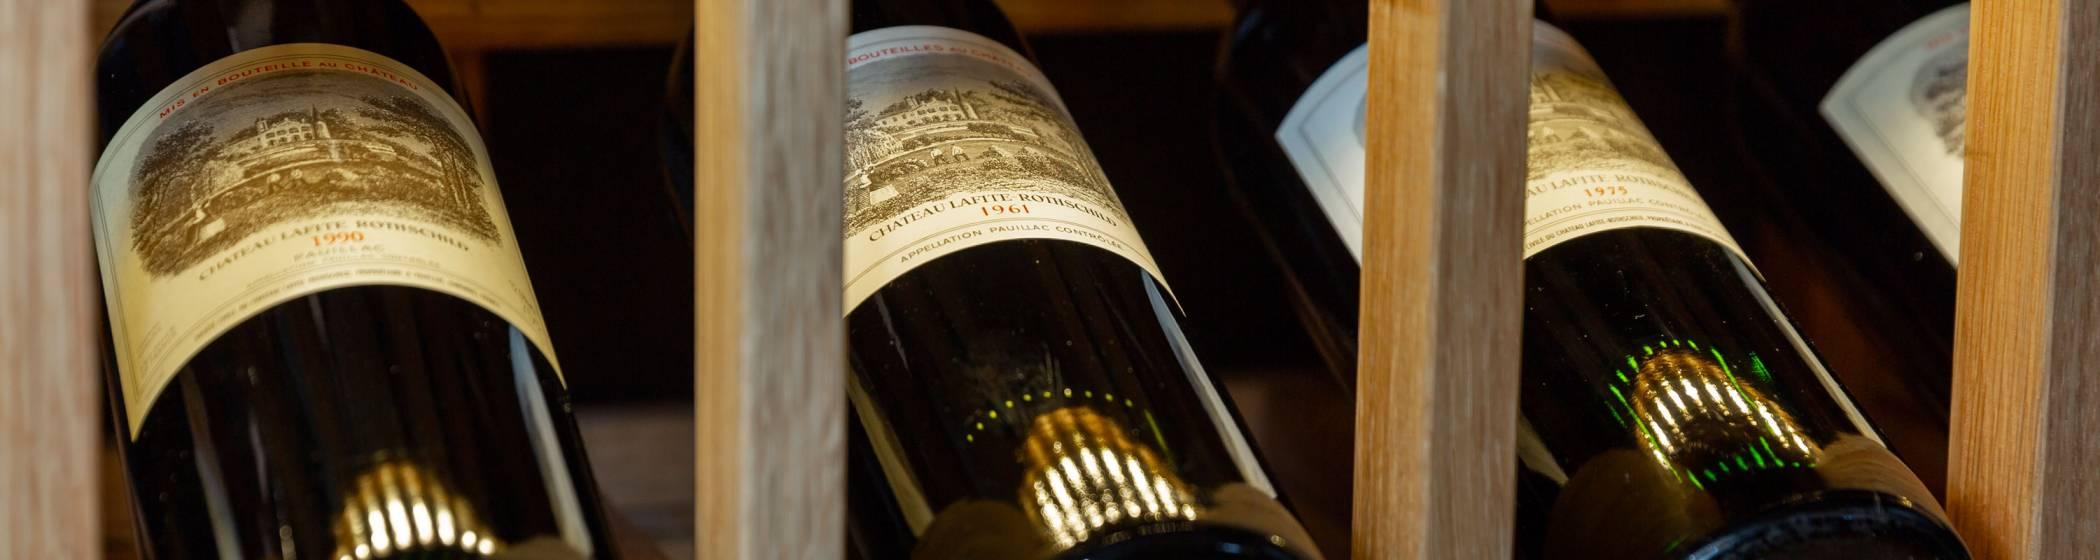 Château Lafite Rothschild wine bottles